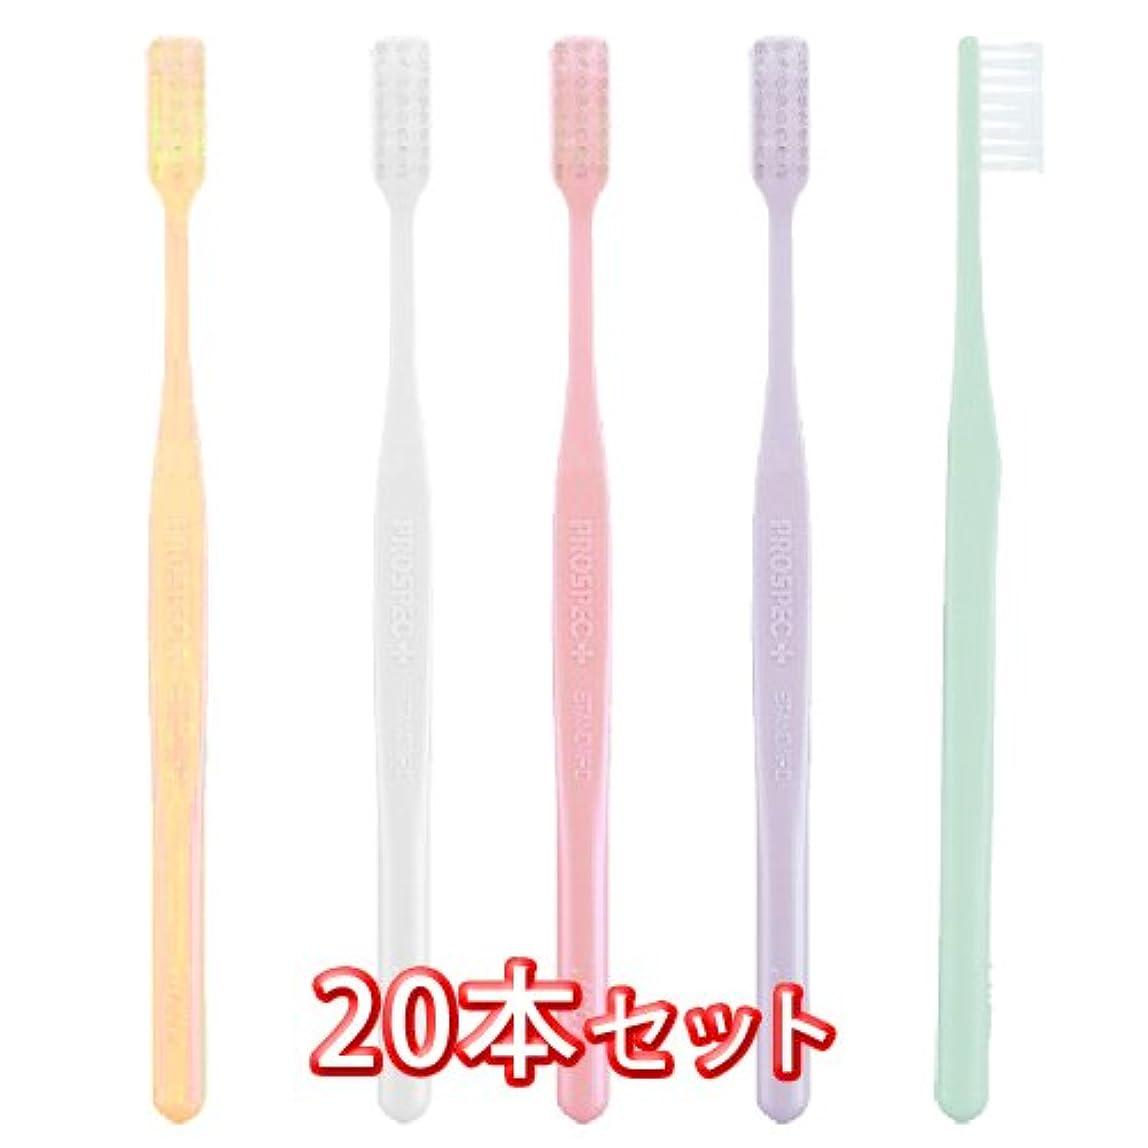 時々光沢薬プロスペック 歯ブラシ プラススタンダード 20本入 Mふつう